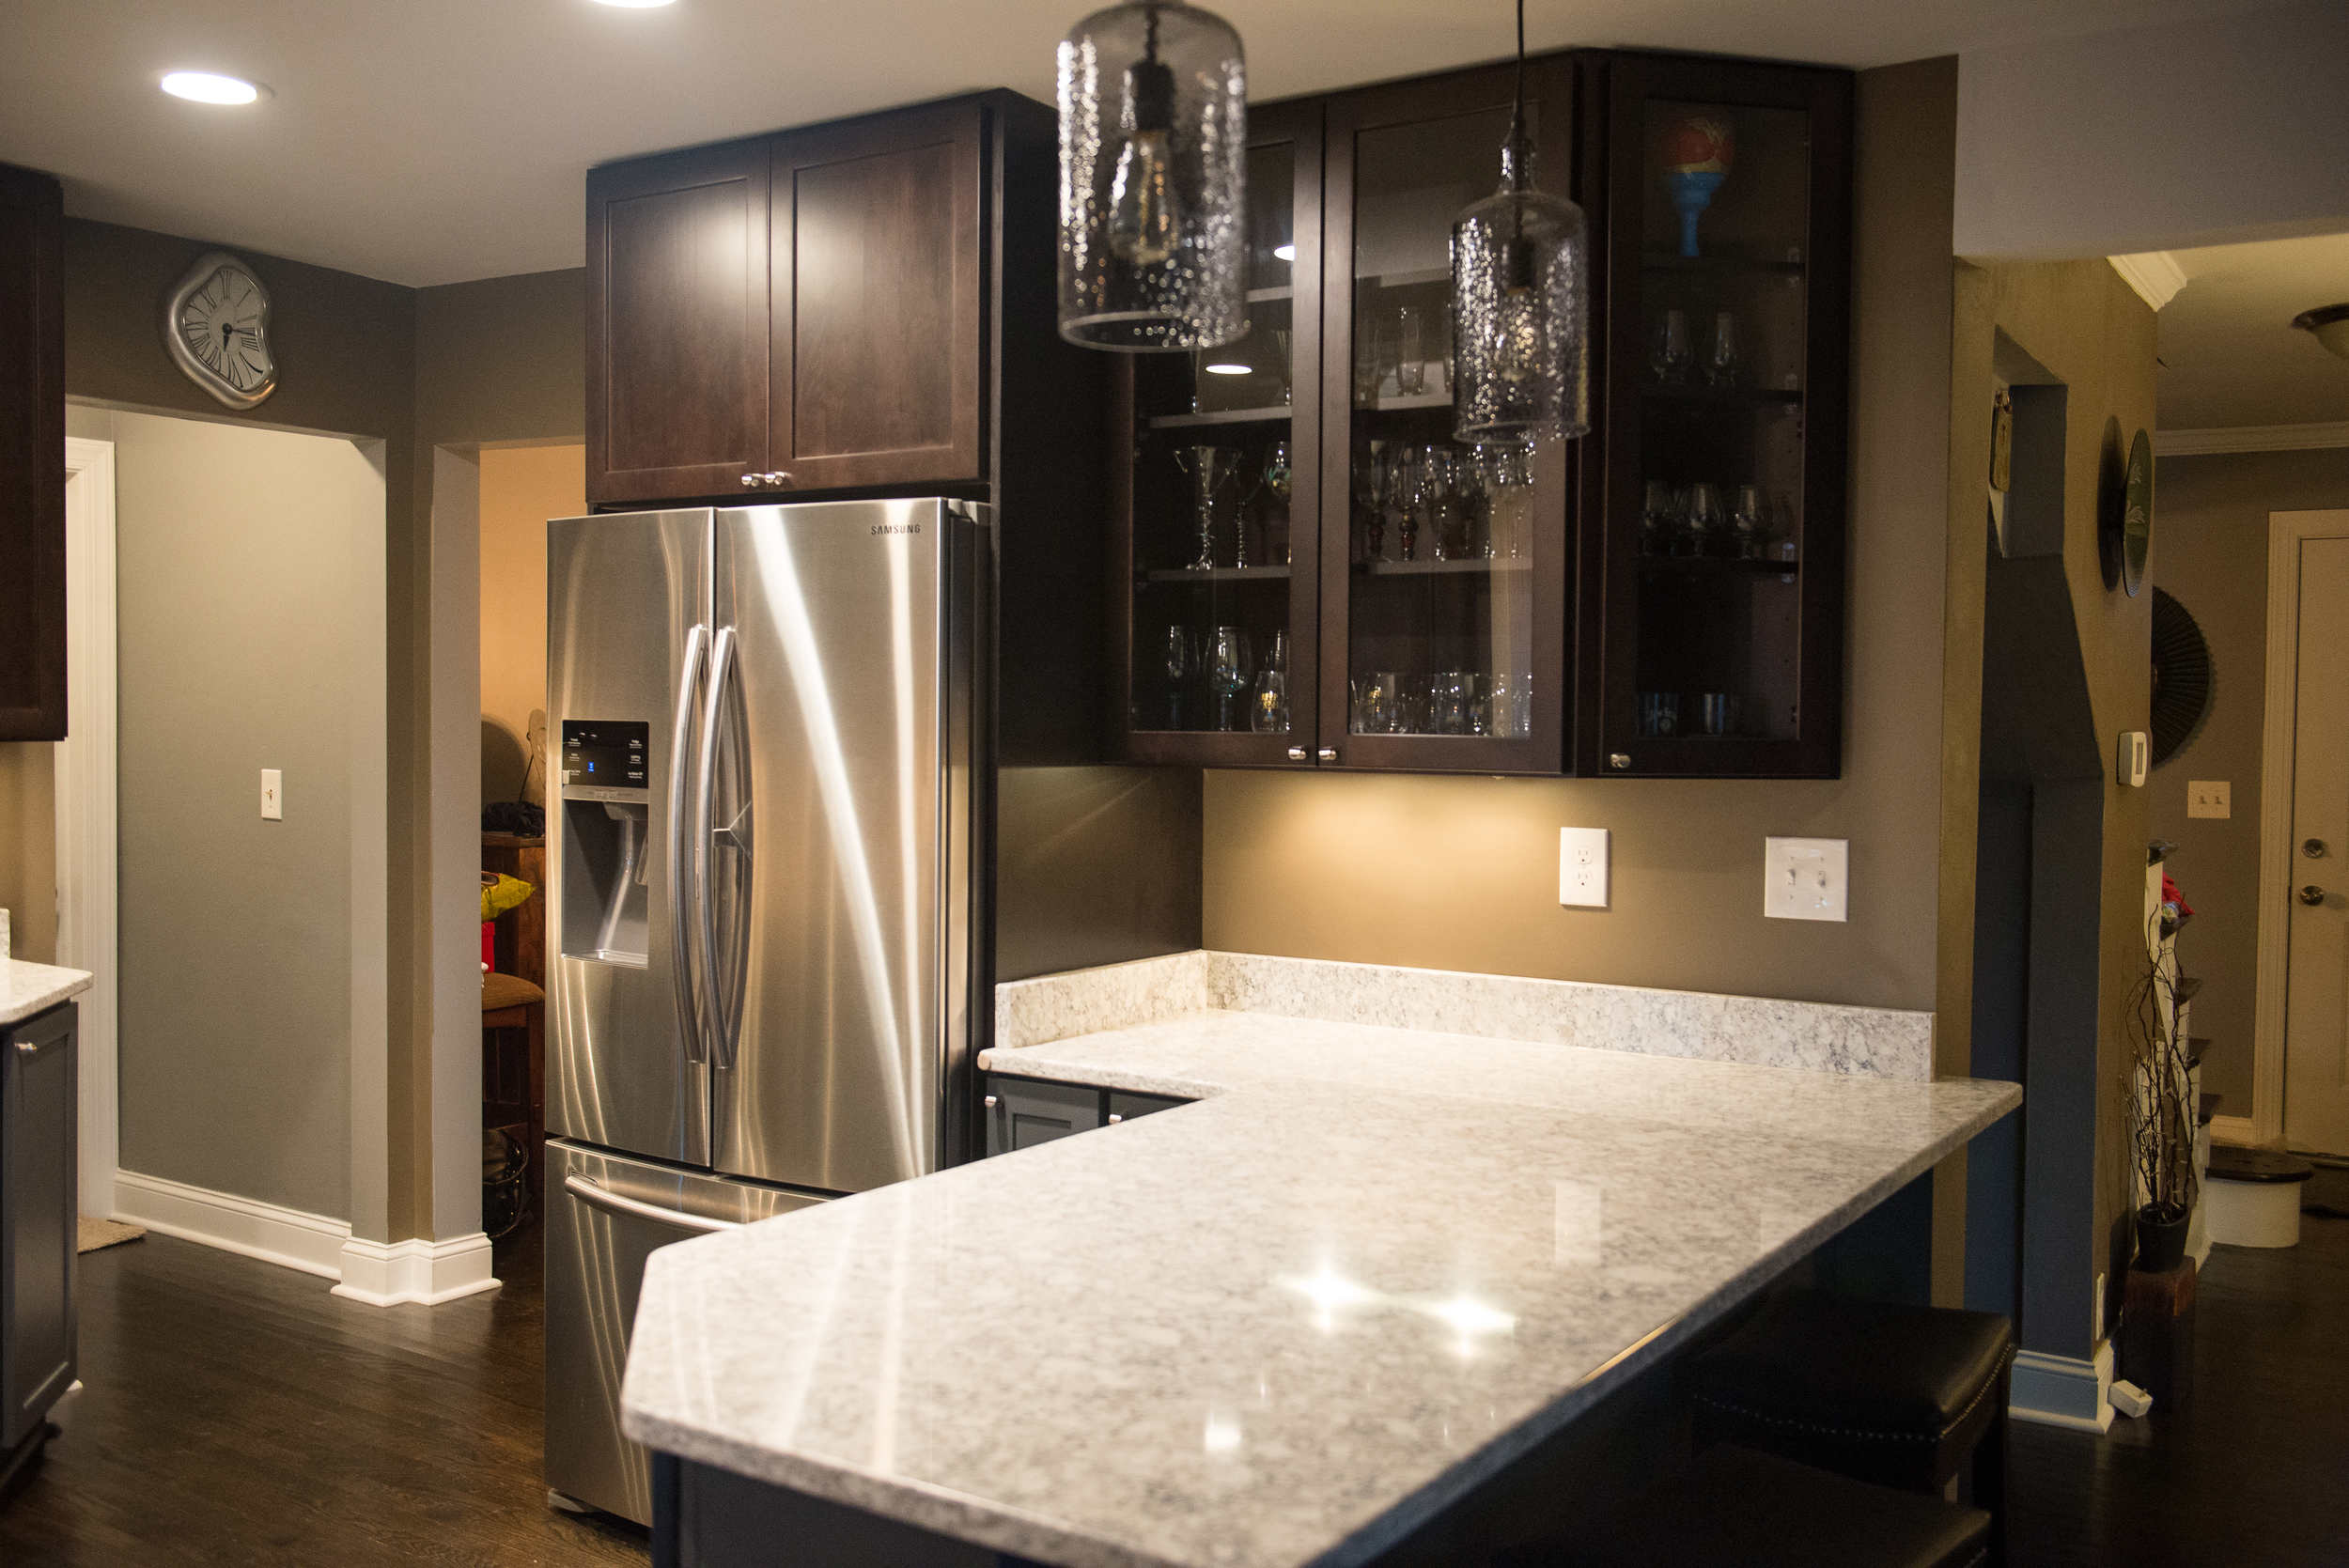 16-kitchen-104.jpg